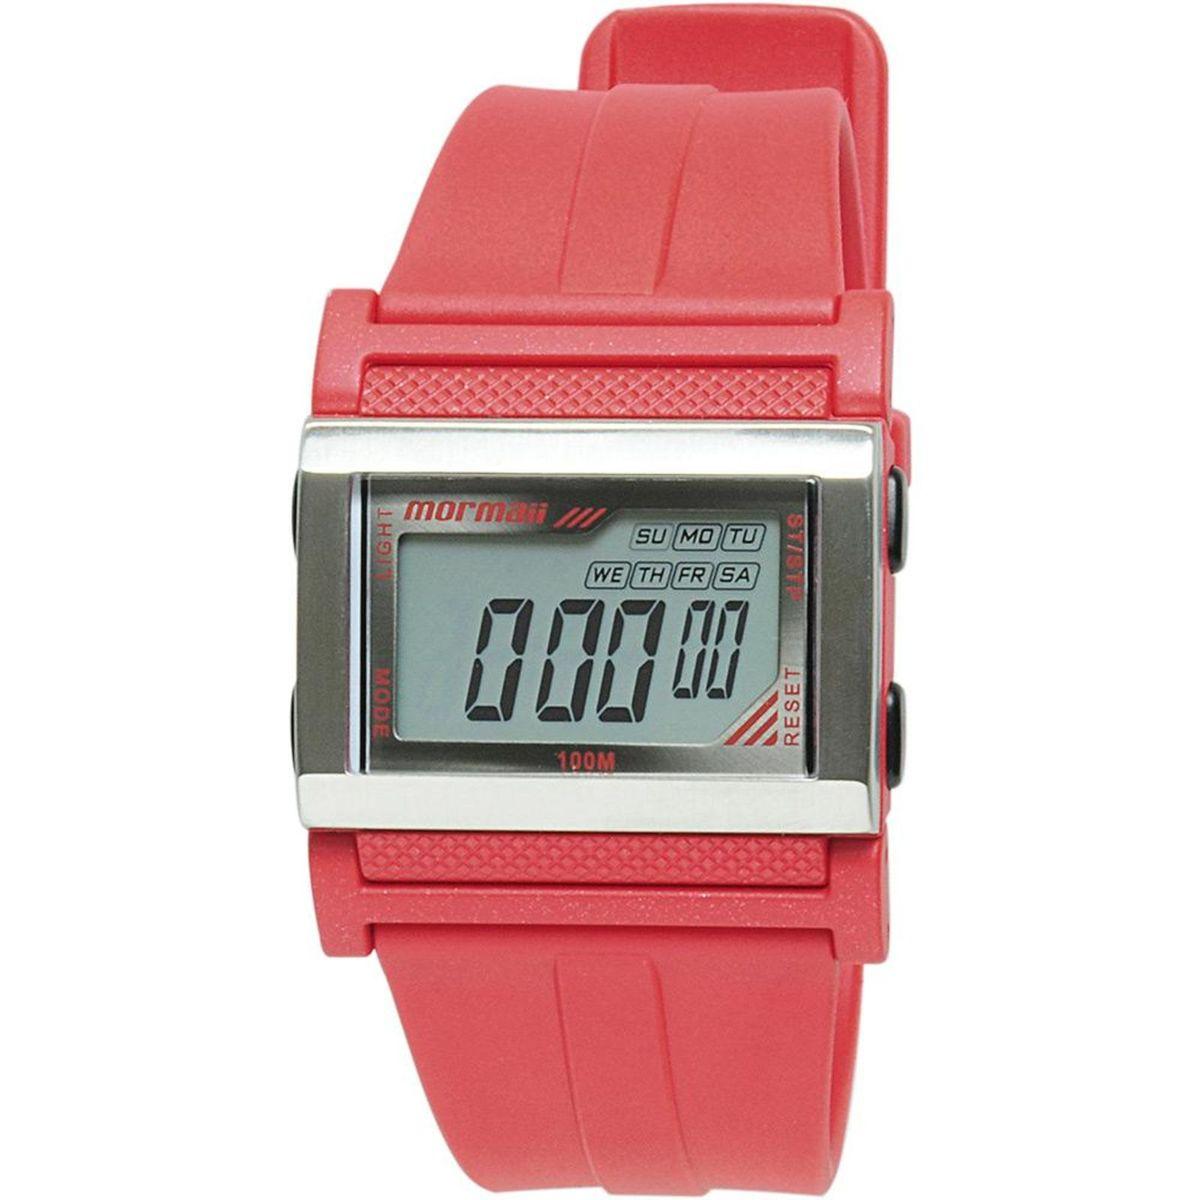 5efacaf3c0f Relógio Mormaii Digital Esportivo Novo Resistente à água 100 metros